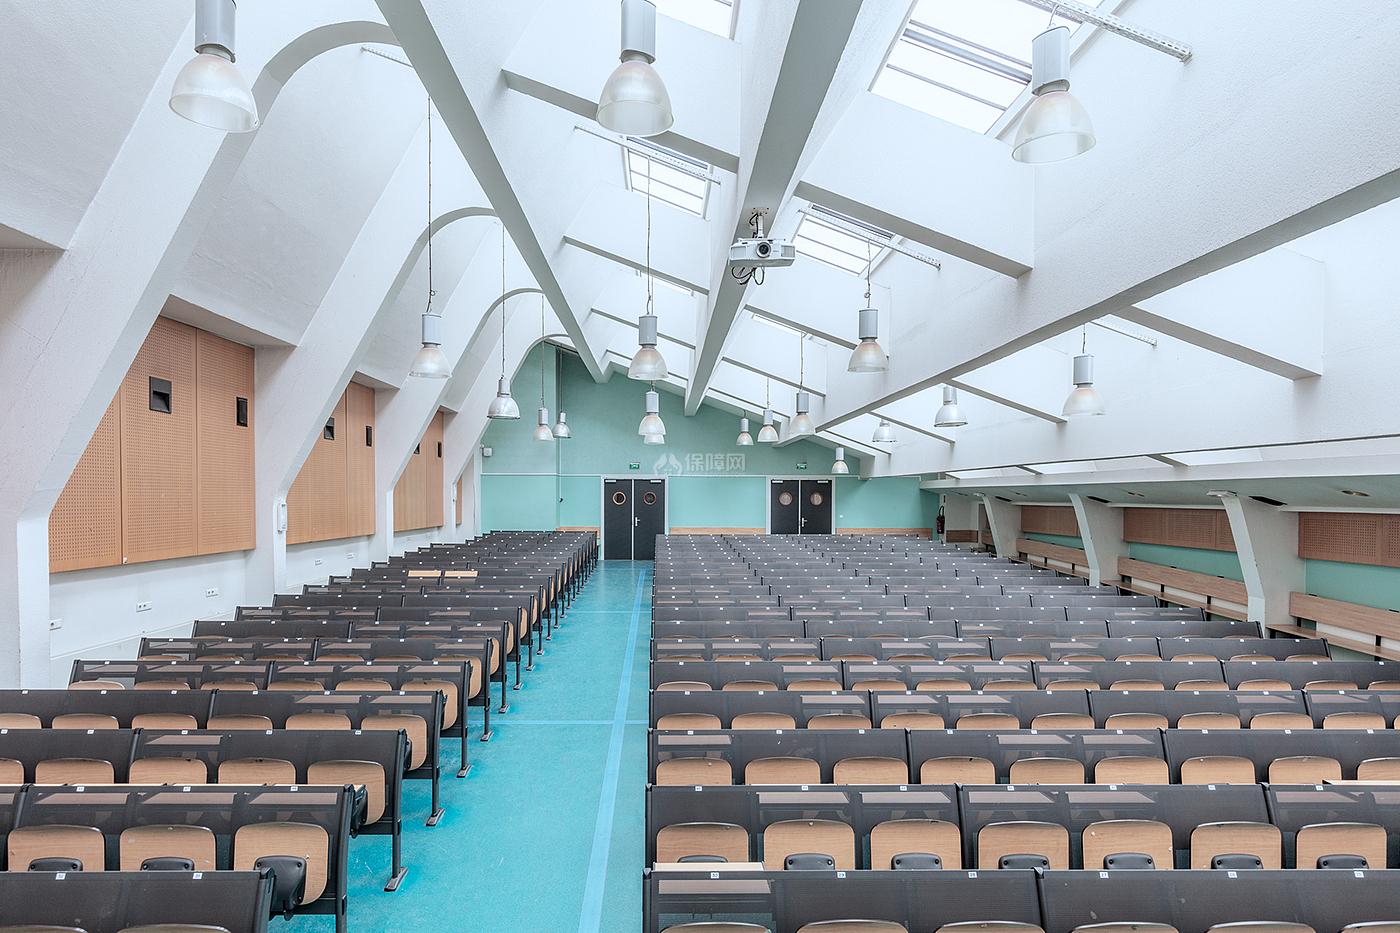 阶梯教室文化场馆之影音室布置效果图